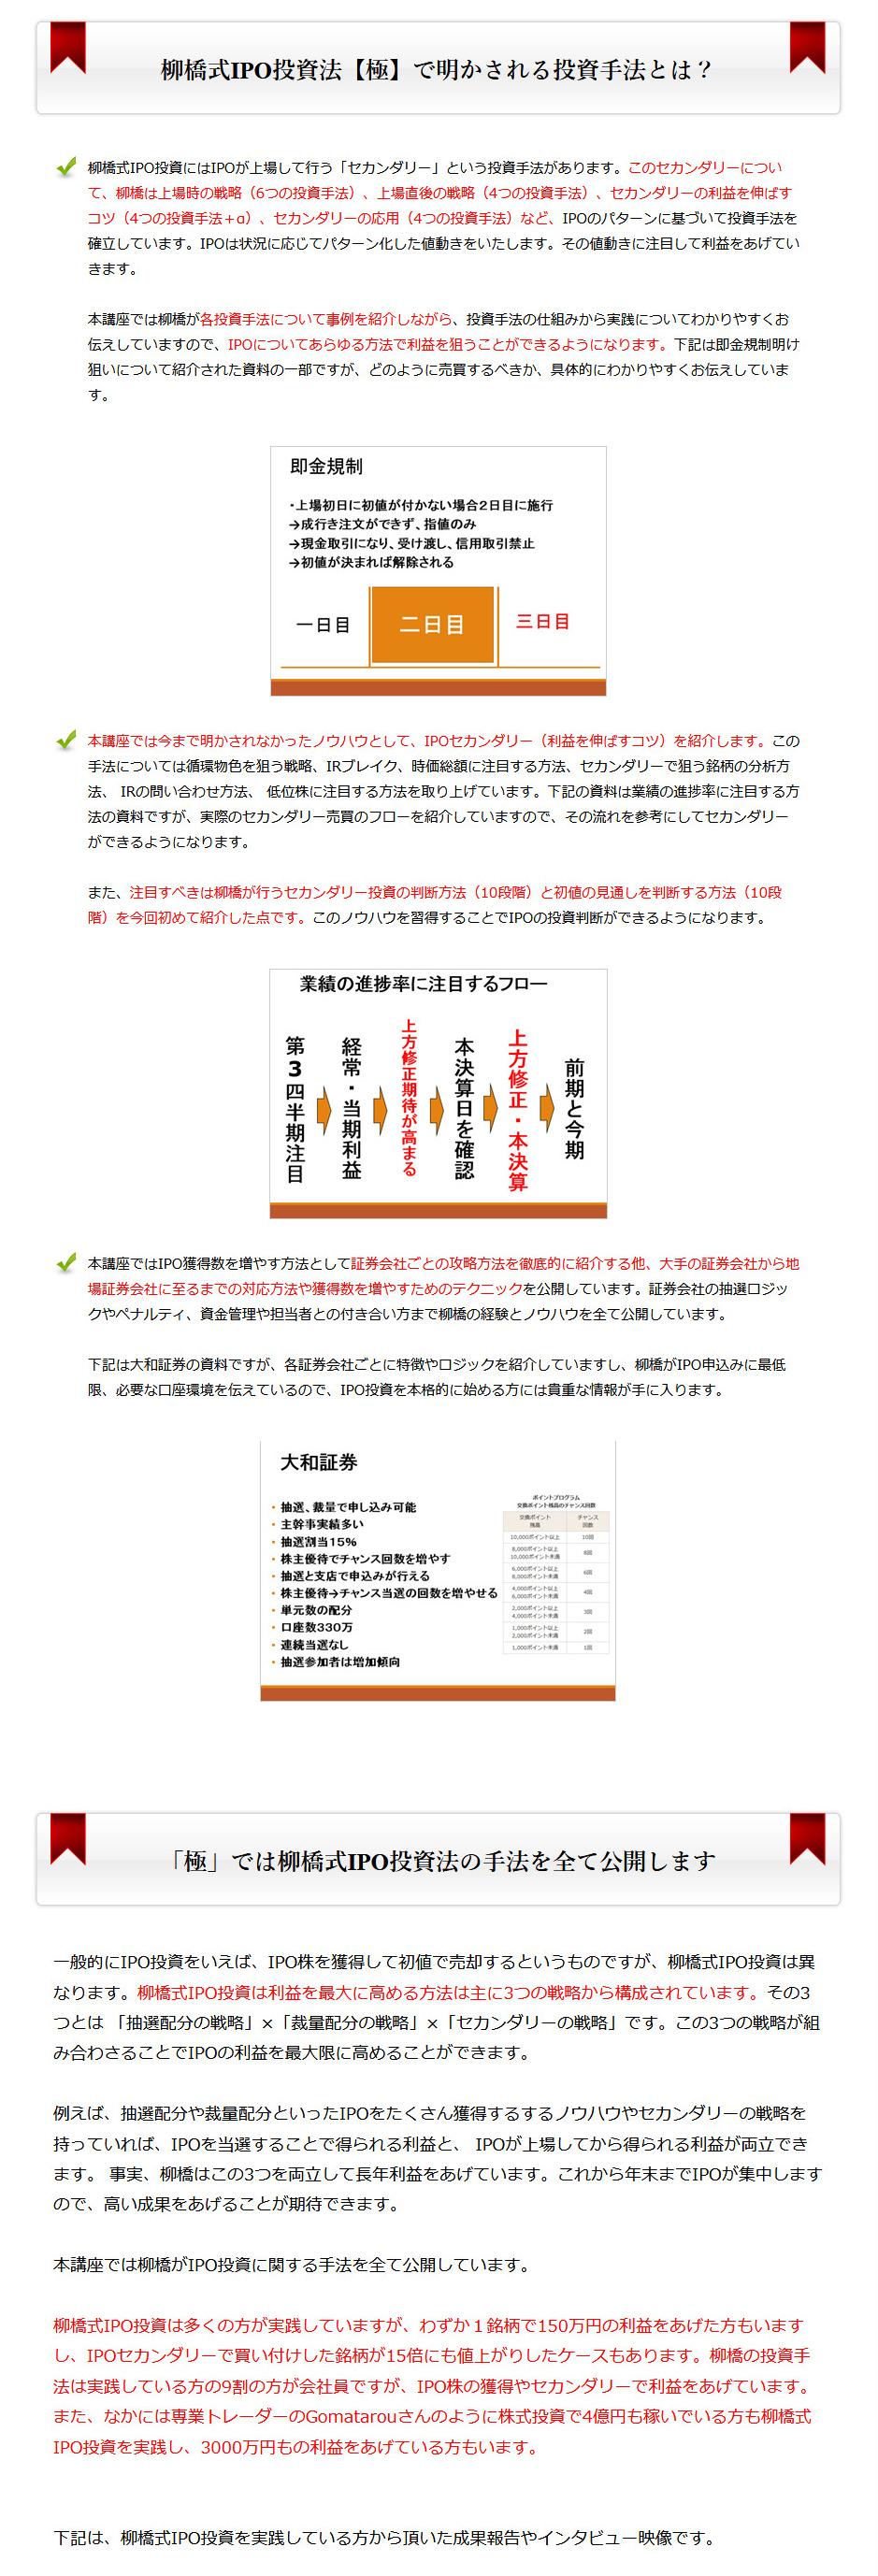 わずか数日から数週間で、数十万円~数百万円の利益をあげる「柳橋式IPO投資」_05